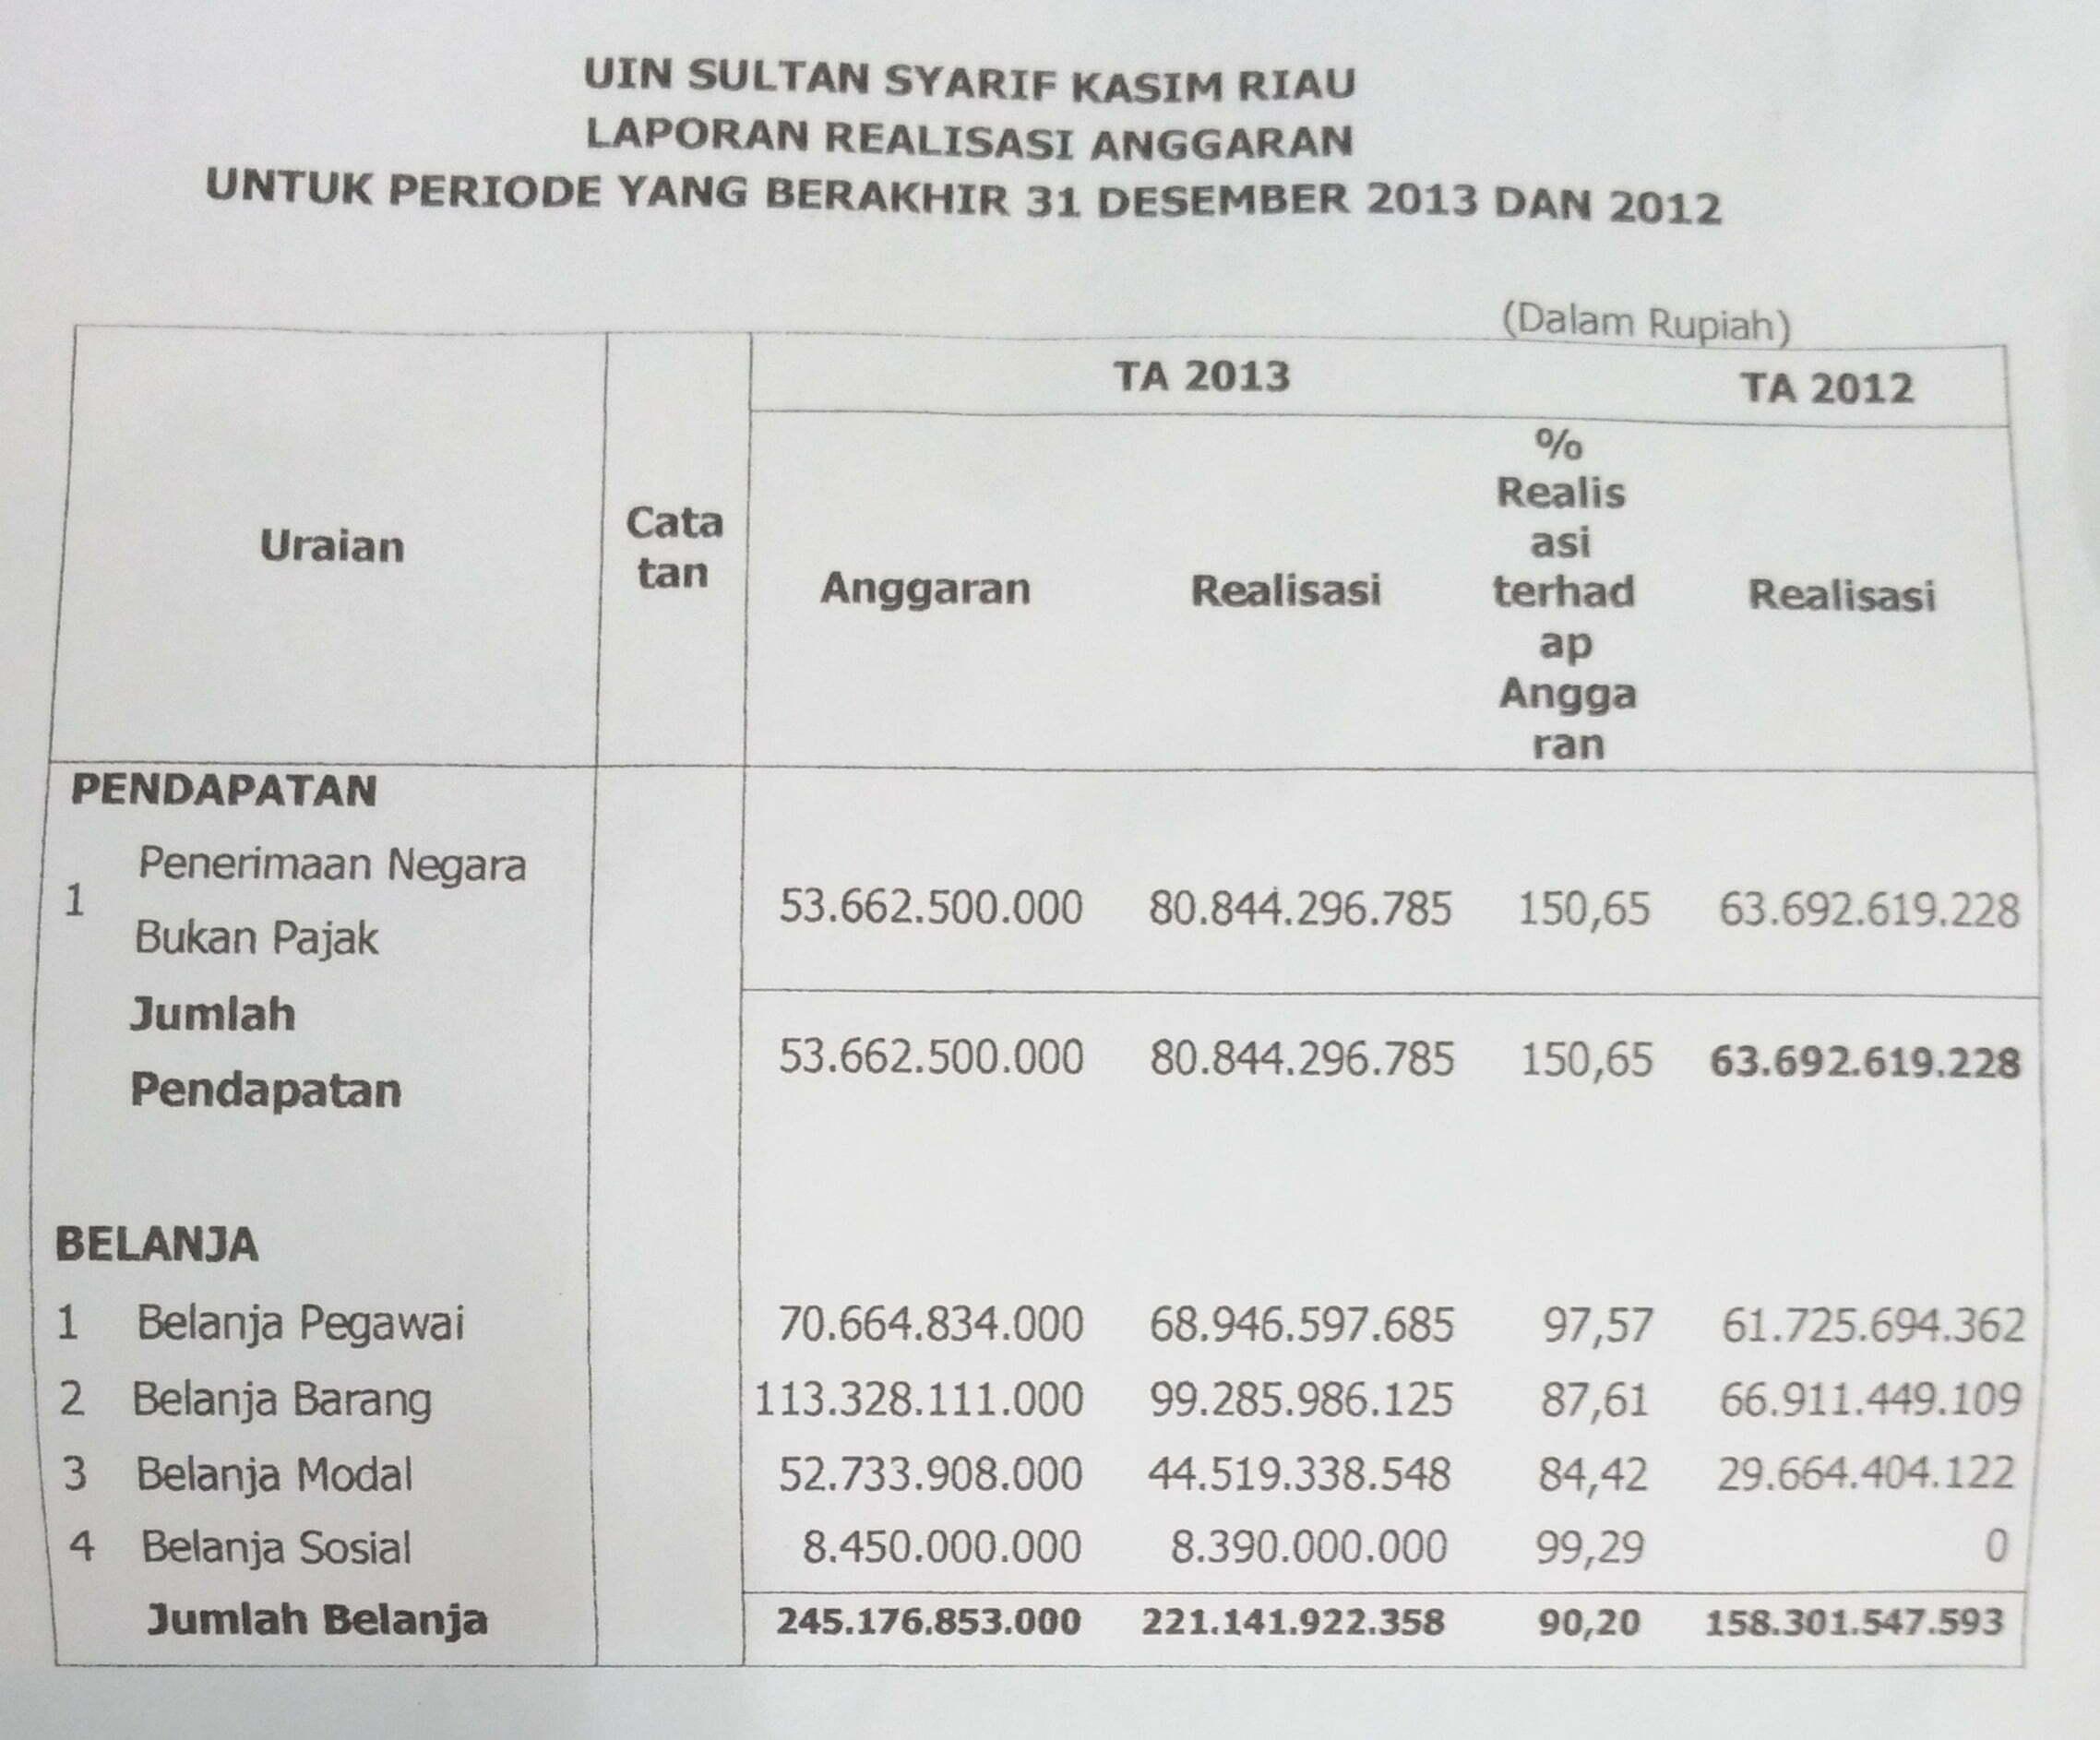 Contoh Laporan Anggaran Dan Realisasi Perusahaan